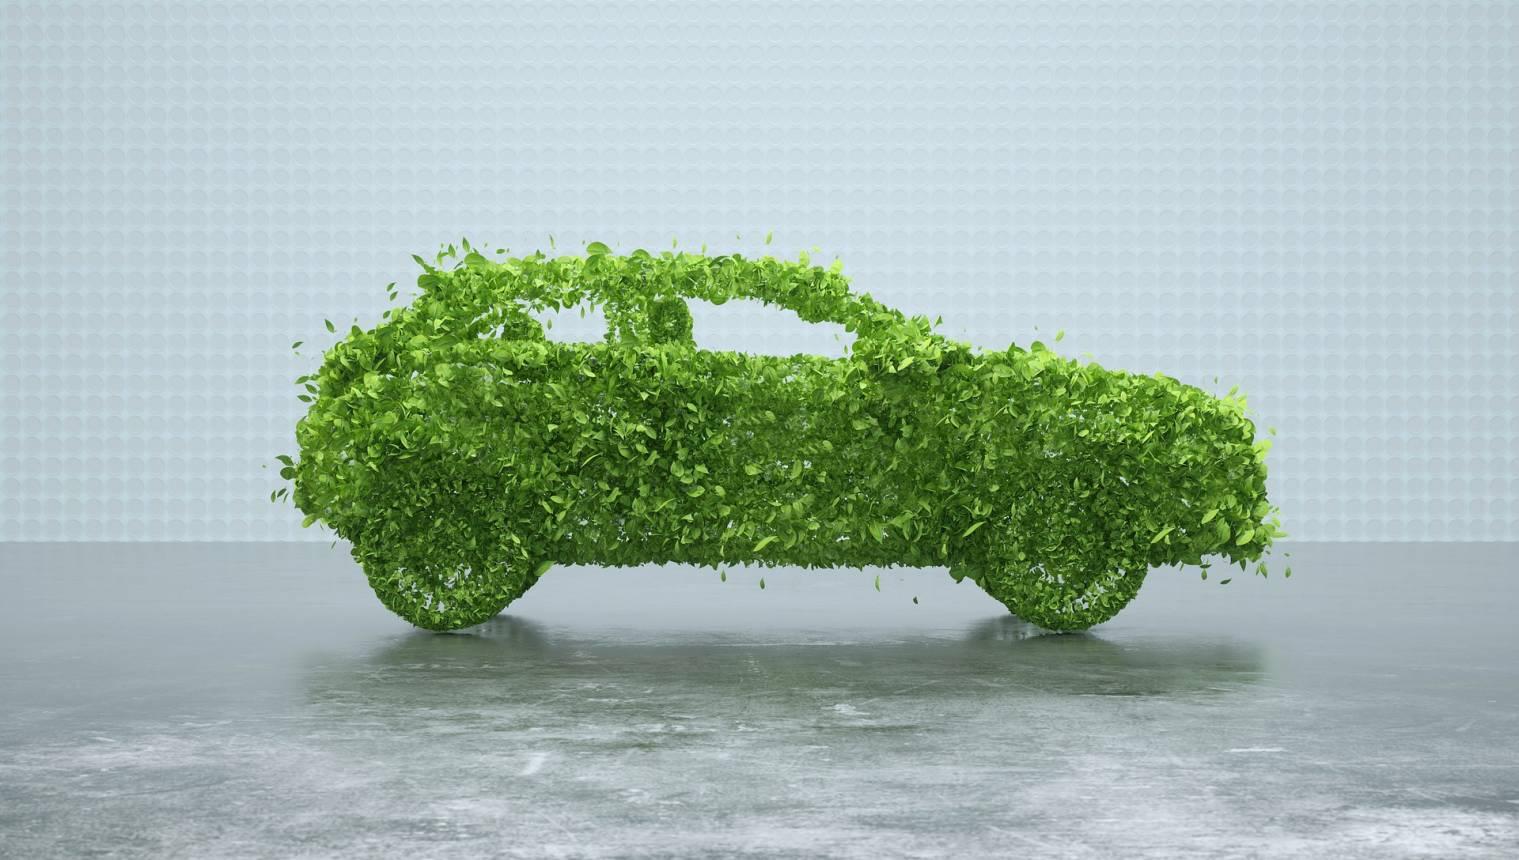 voiture pastille anti pollution